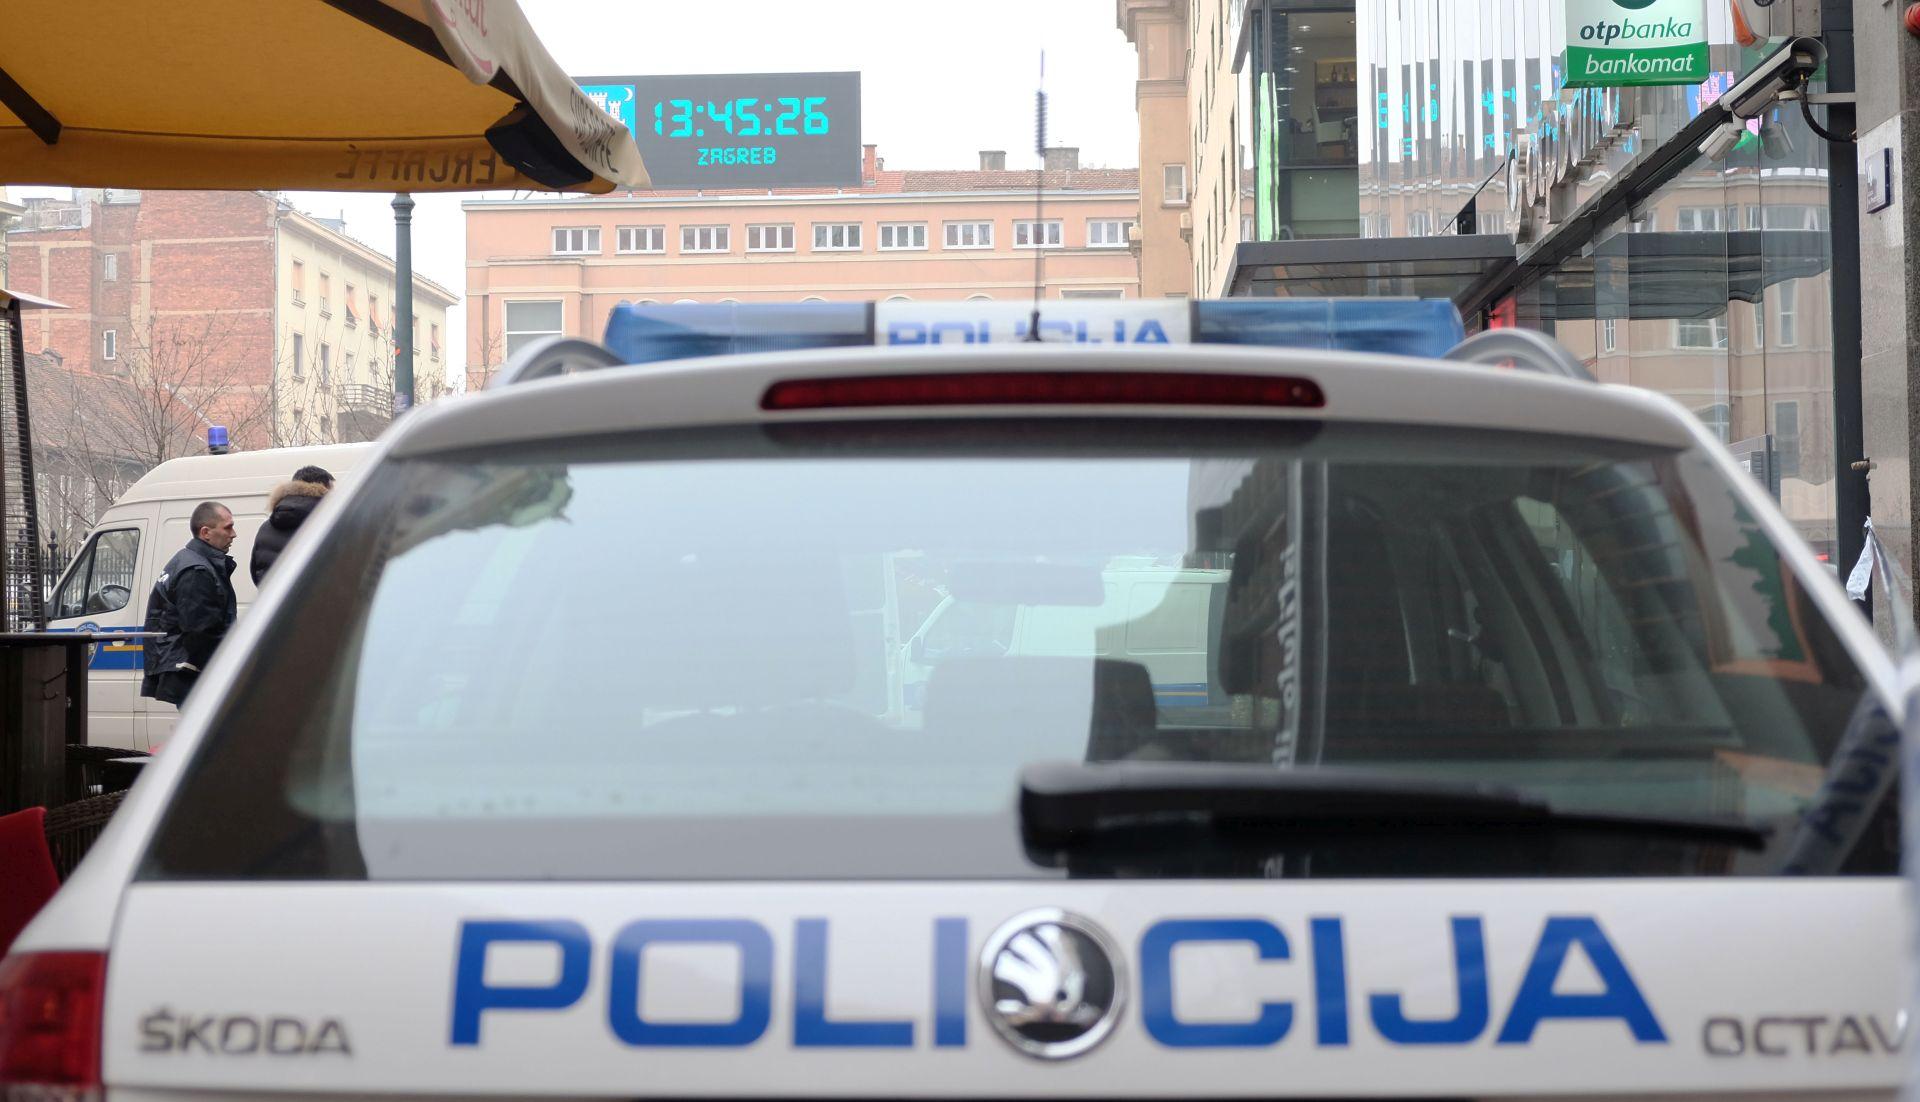 Četvorka osumnjičena za kriminal u Jadranskoj banci bez jamčevine puštena na slobodu